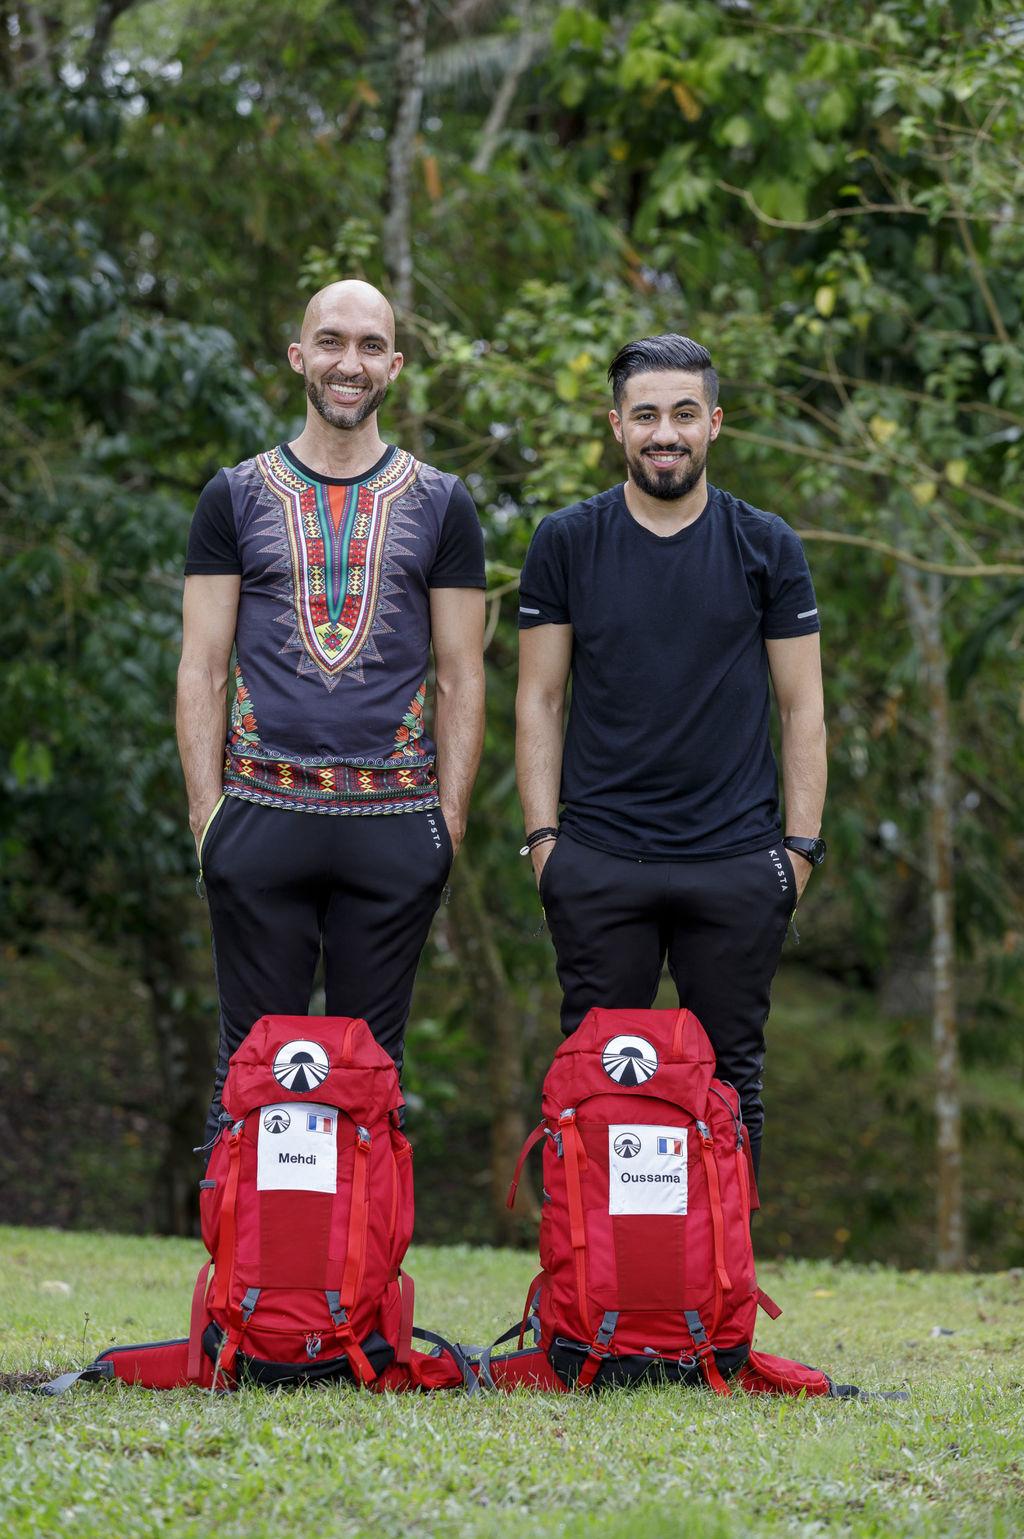 Medhi et Oussama